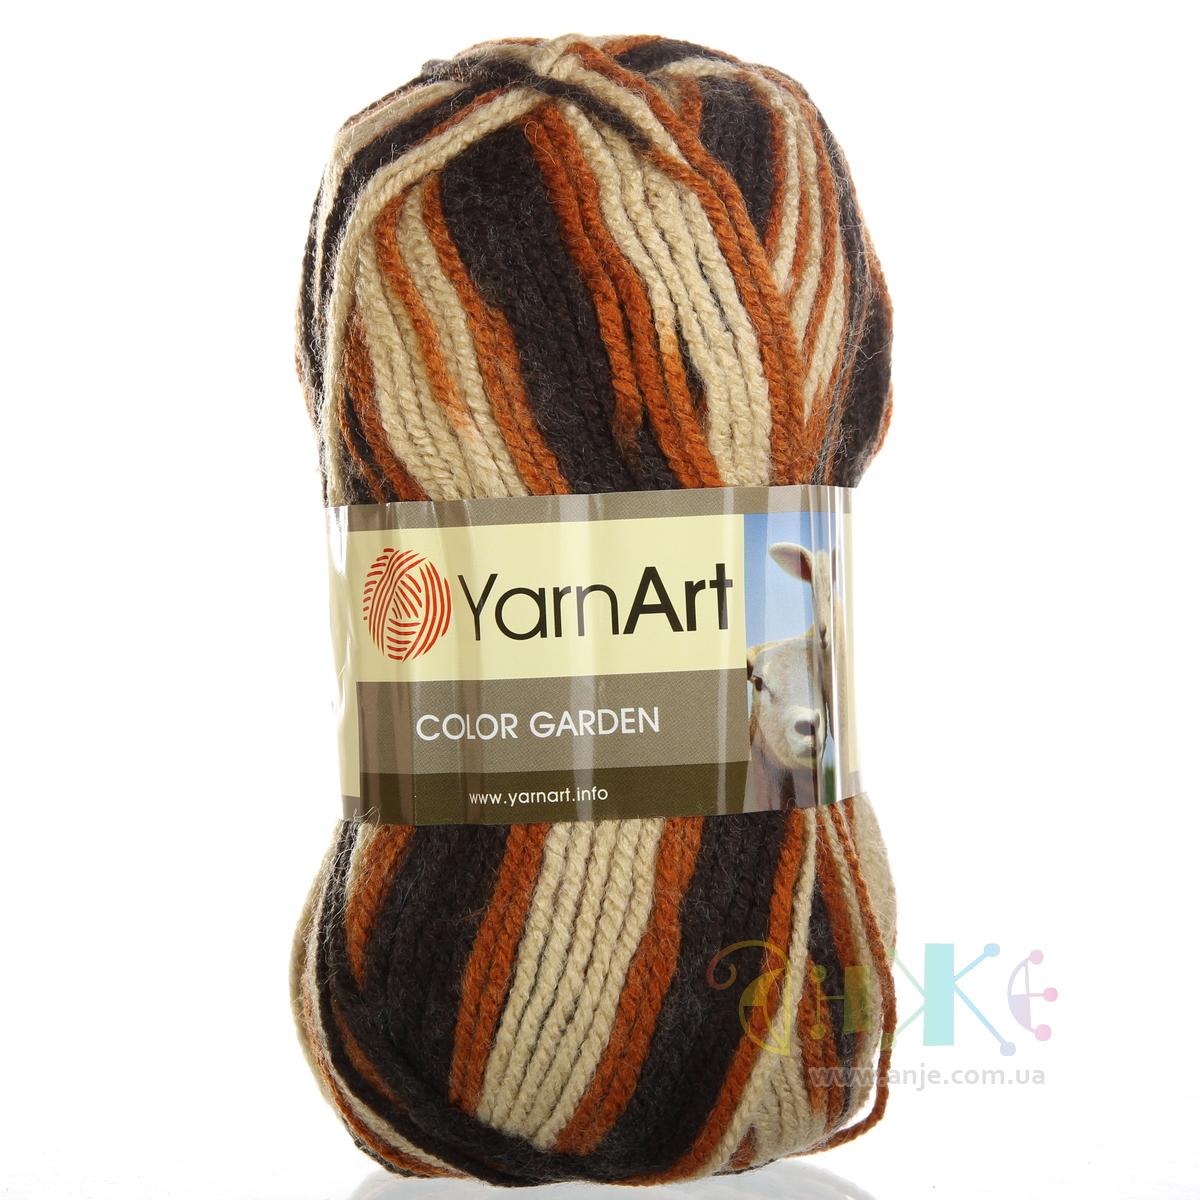 yarn art color garden :  Yarnart Color Garden 33